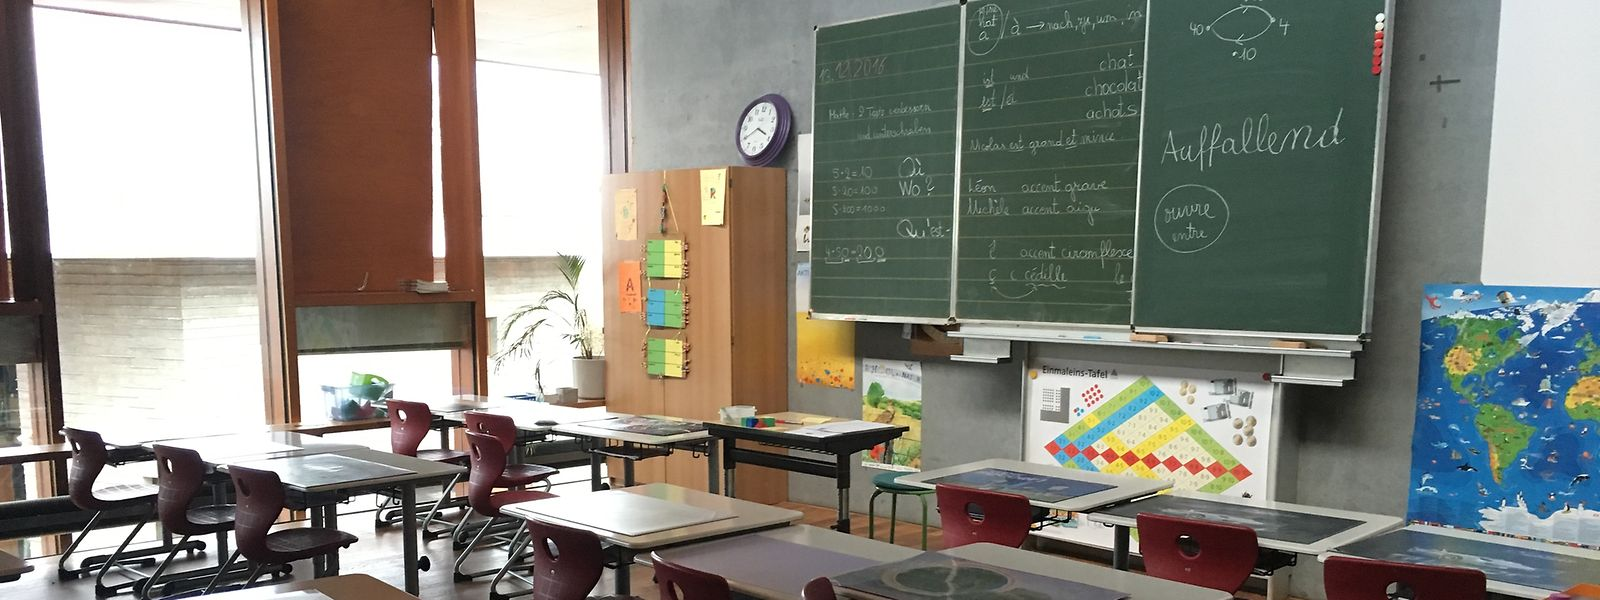 Die Schule ist einer der wichtigsten Orte für politische Bildung in Luxemburg.